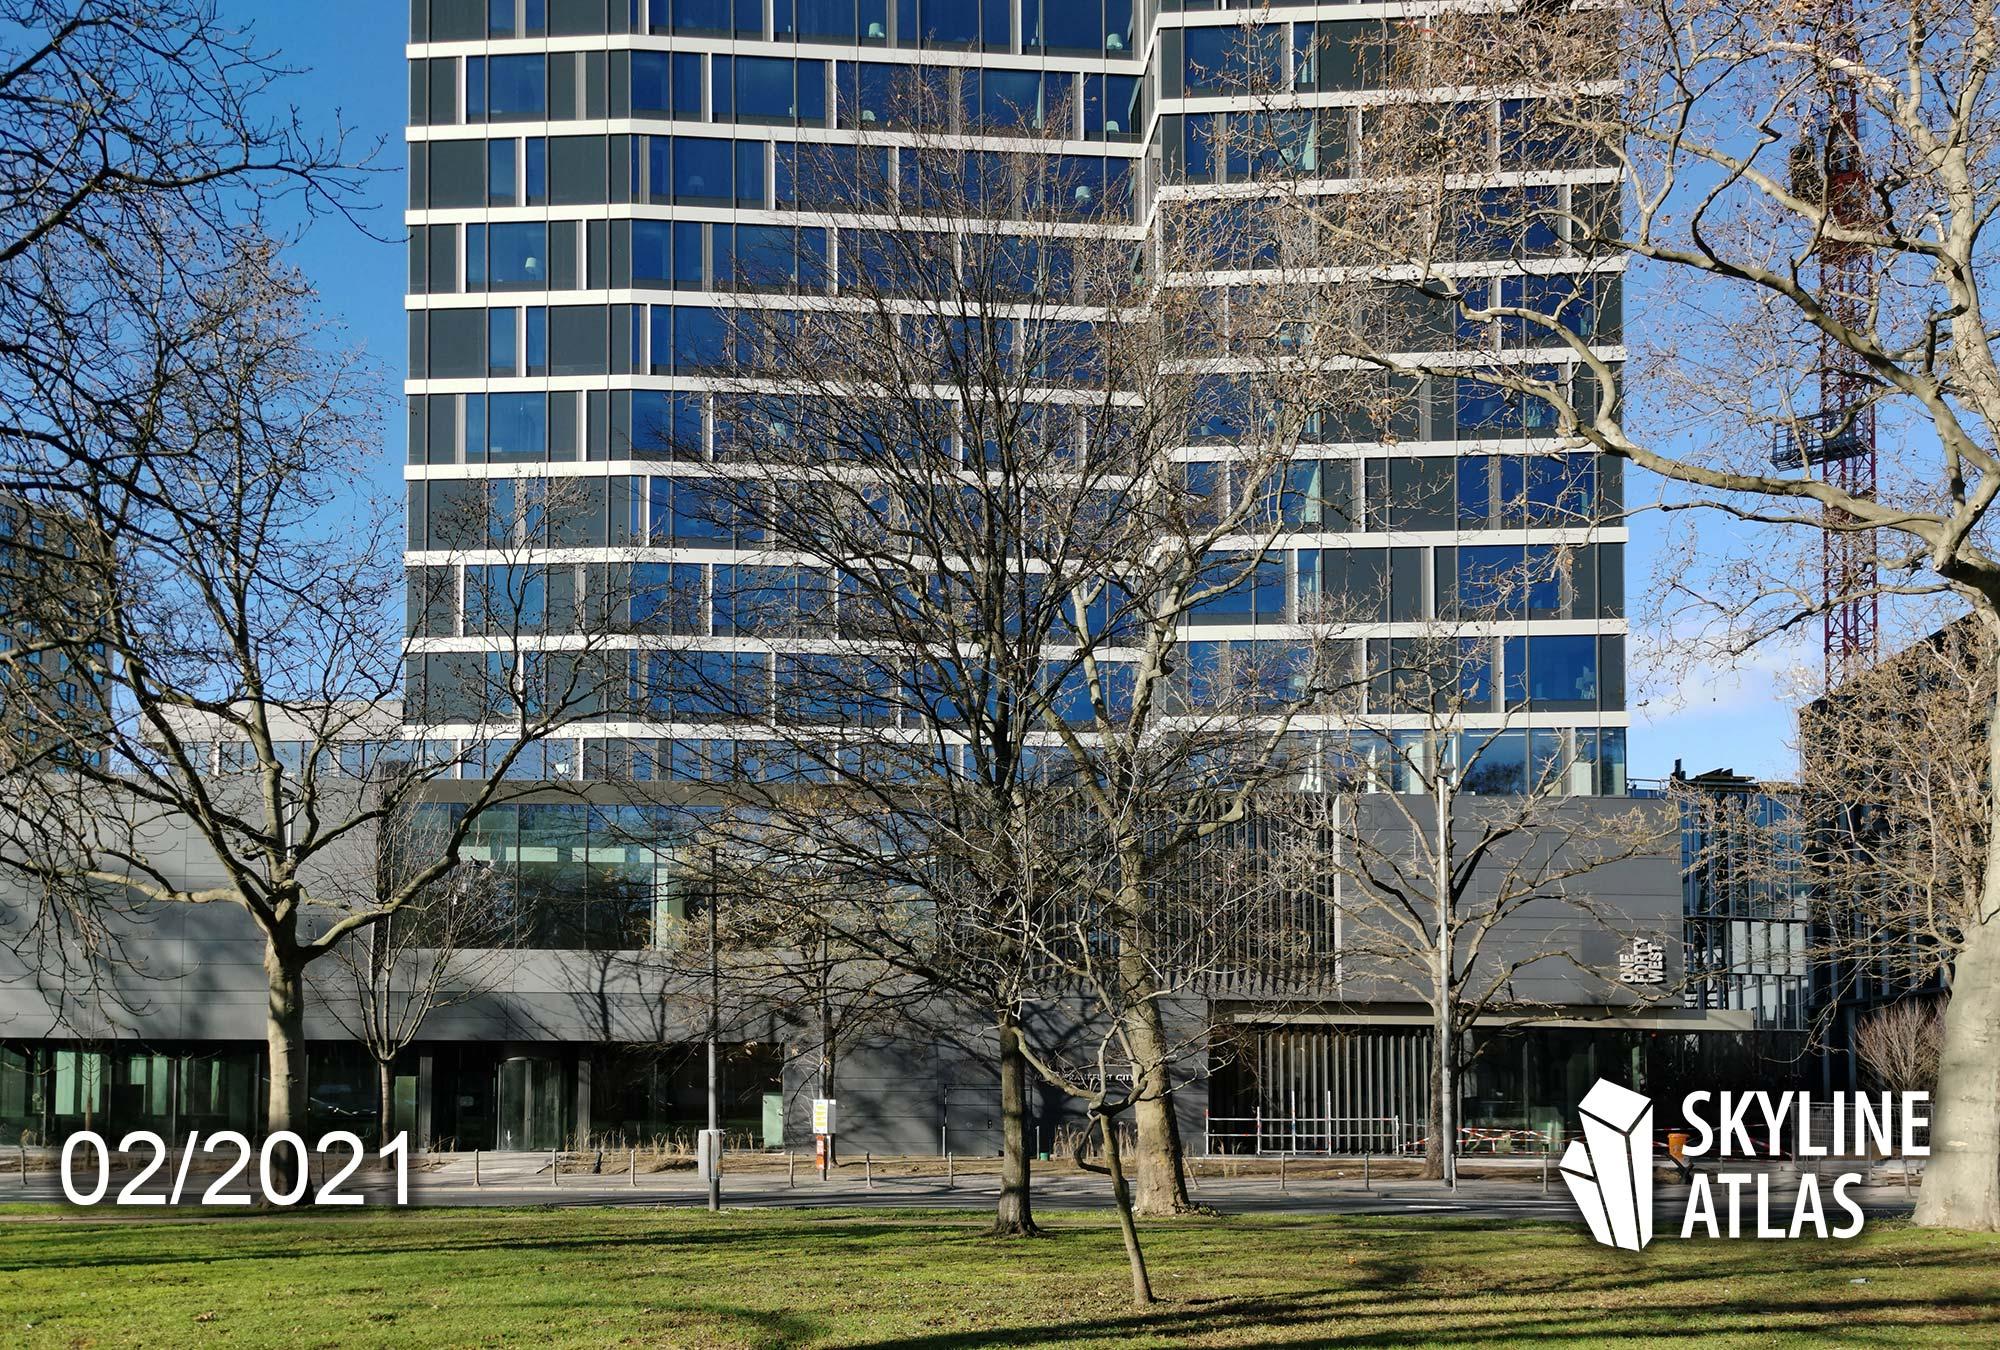 140 West Frankfurt - ONE FORTY WEST Baustelle - Melia Frankfurt Hotel - Baufortschritt Februar 2021 - Projekt von Commerz Real - Entworfen von CMA